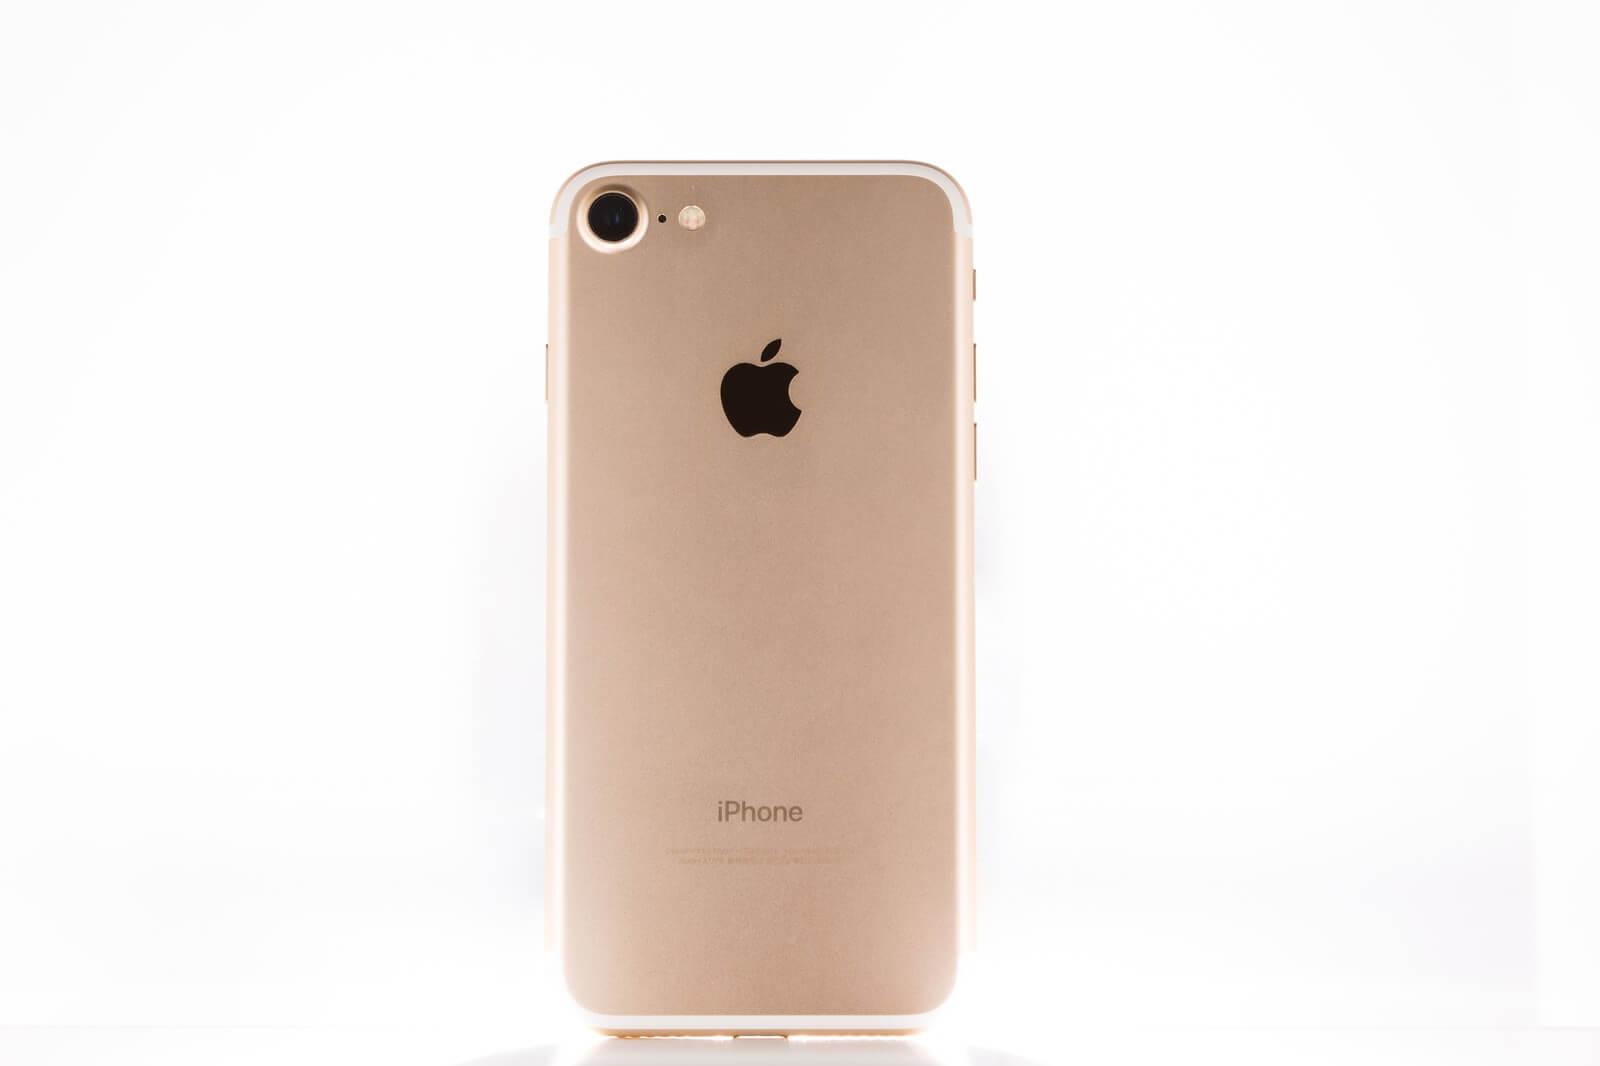 ドコモのiPhone